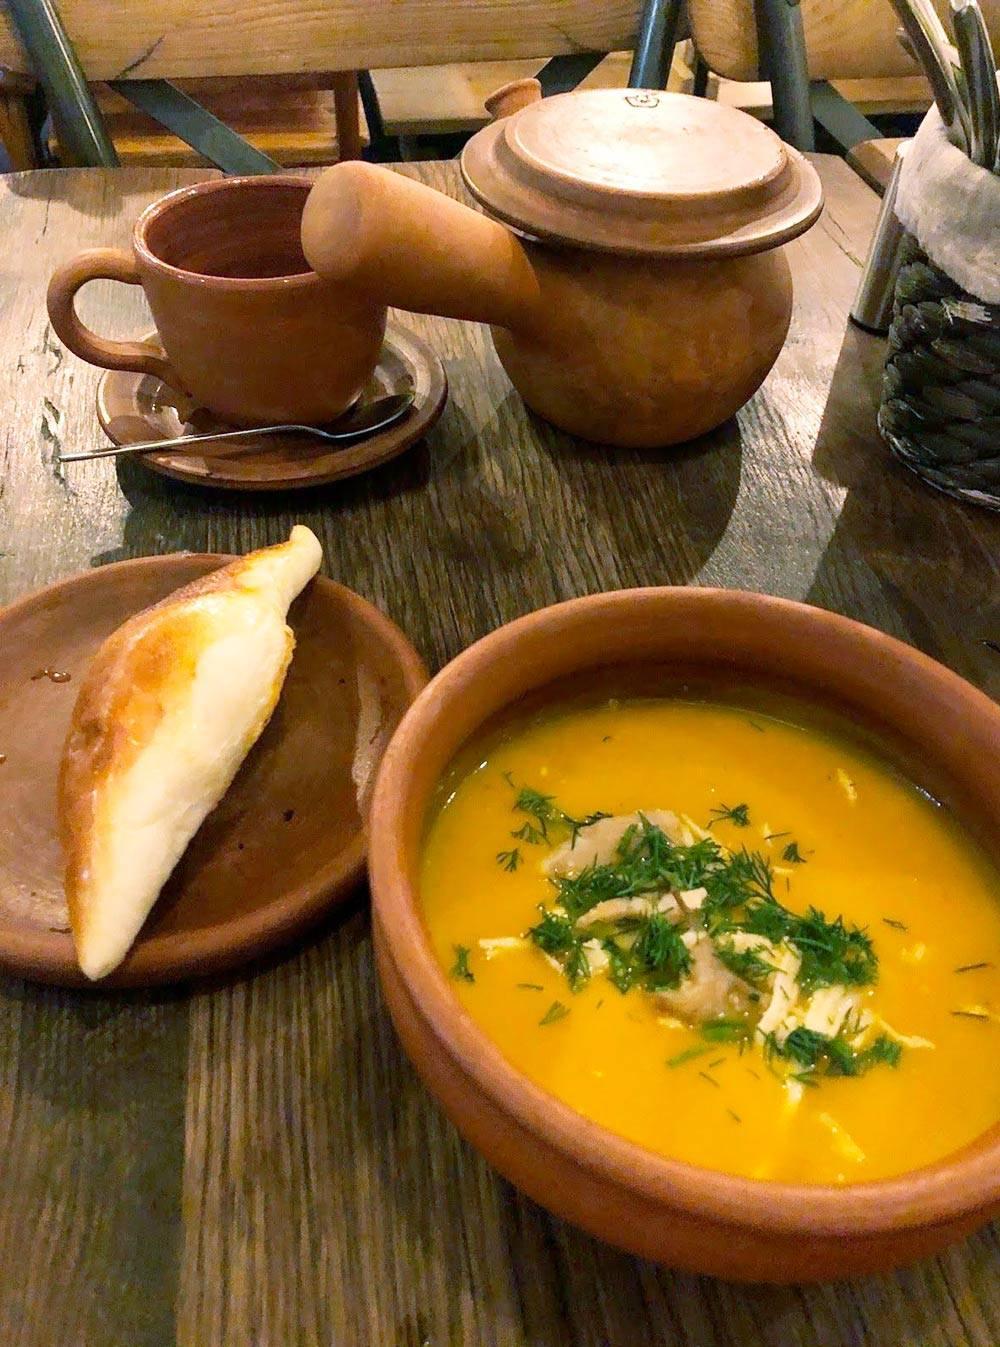 К супу в этом кафе всегда приносят свежий хлеб